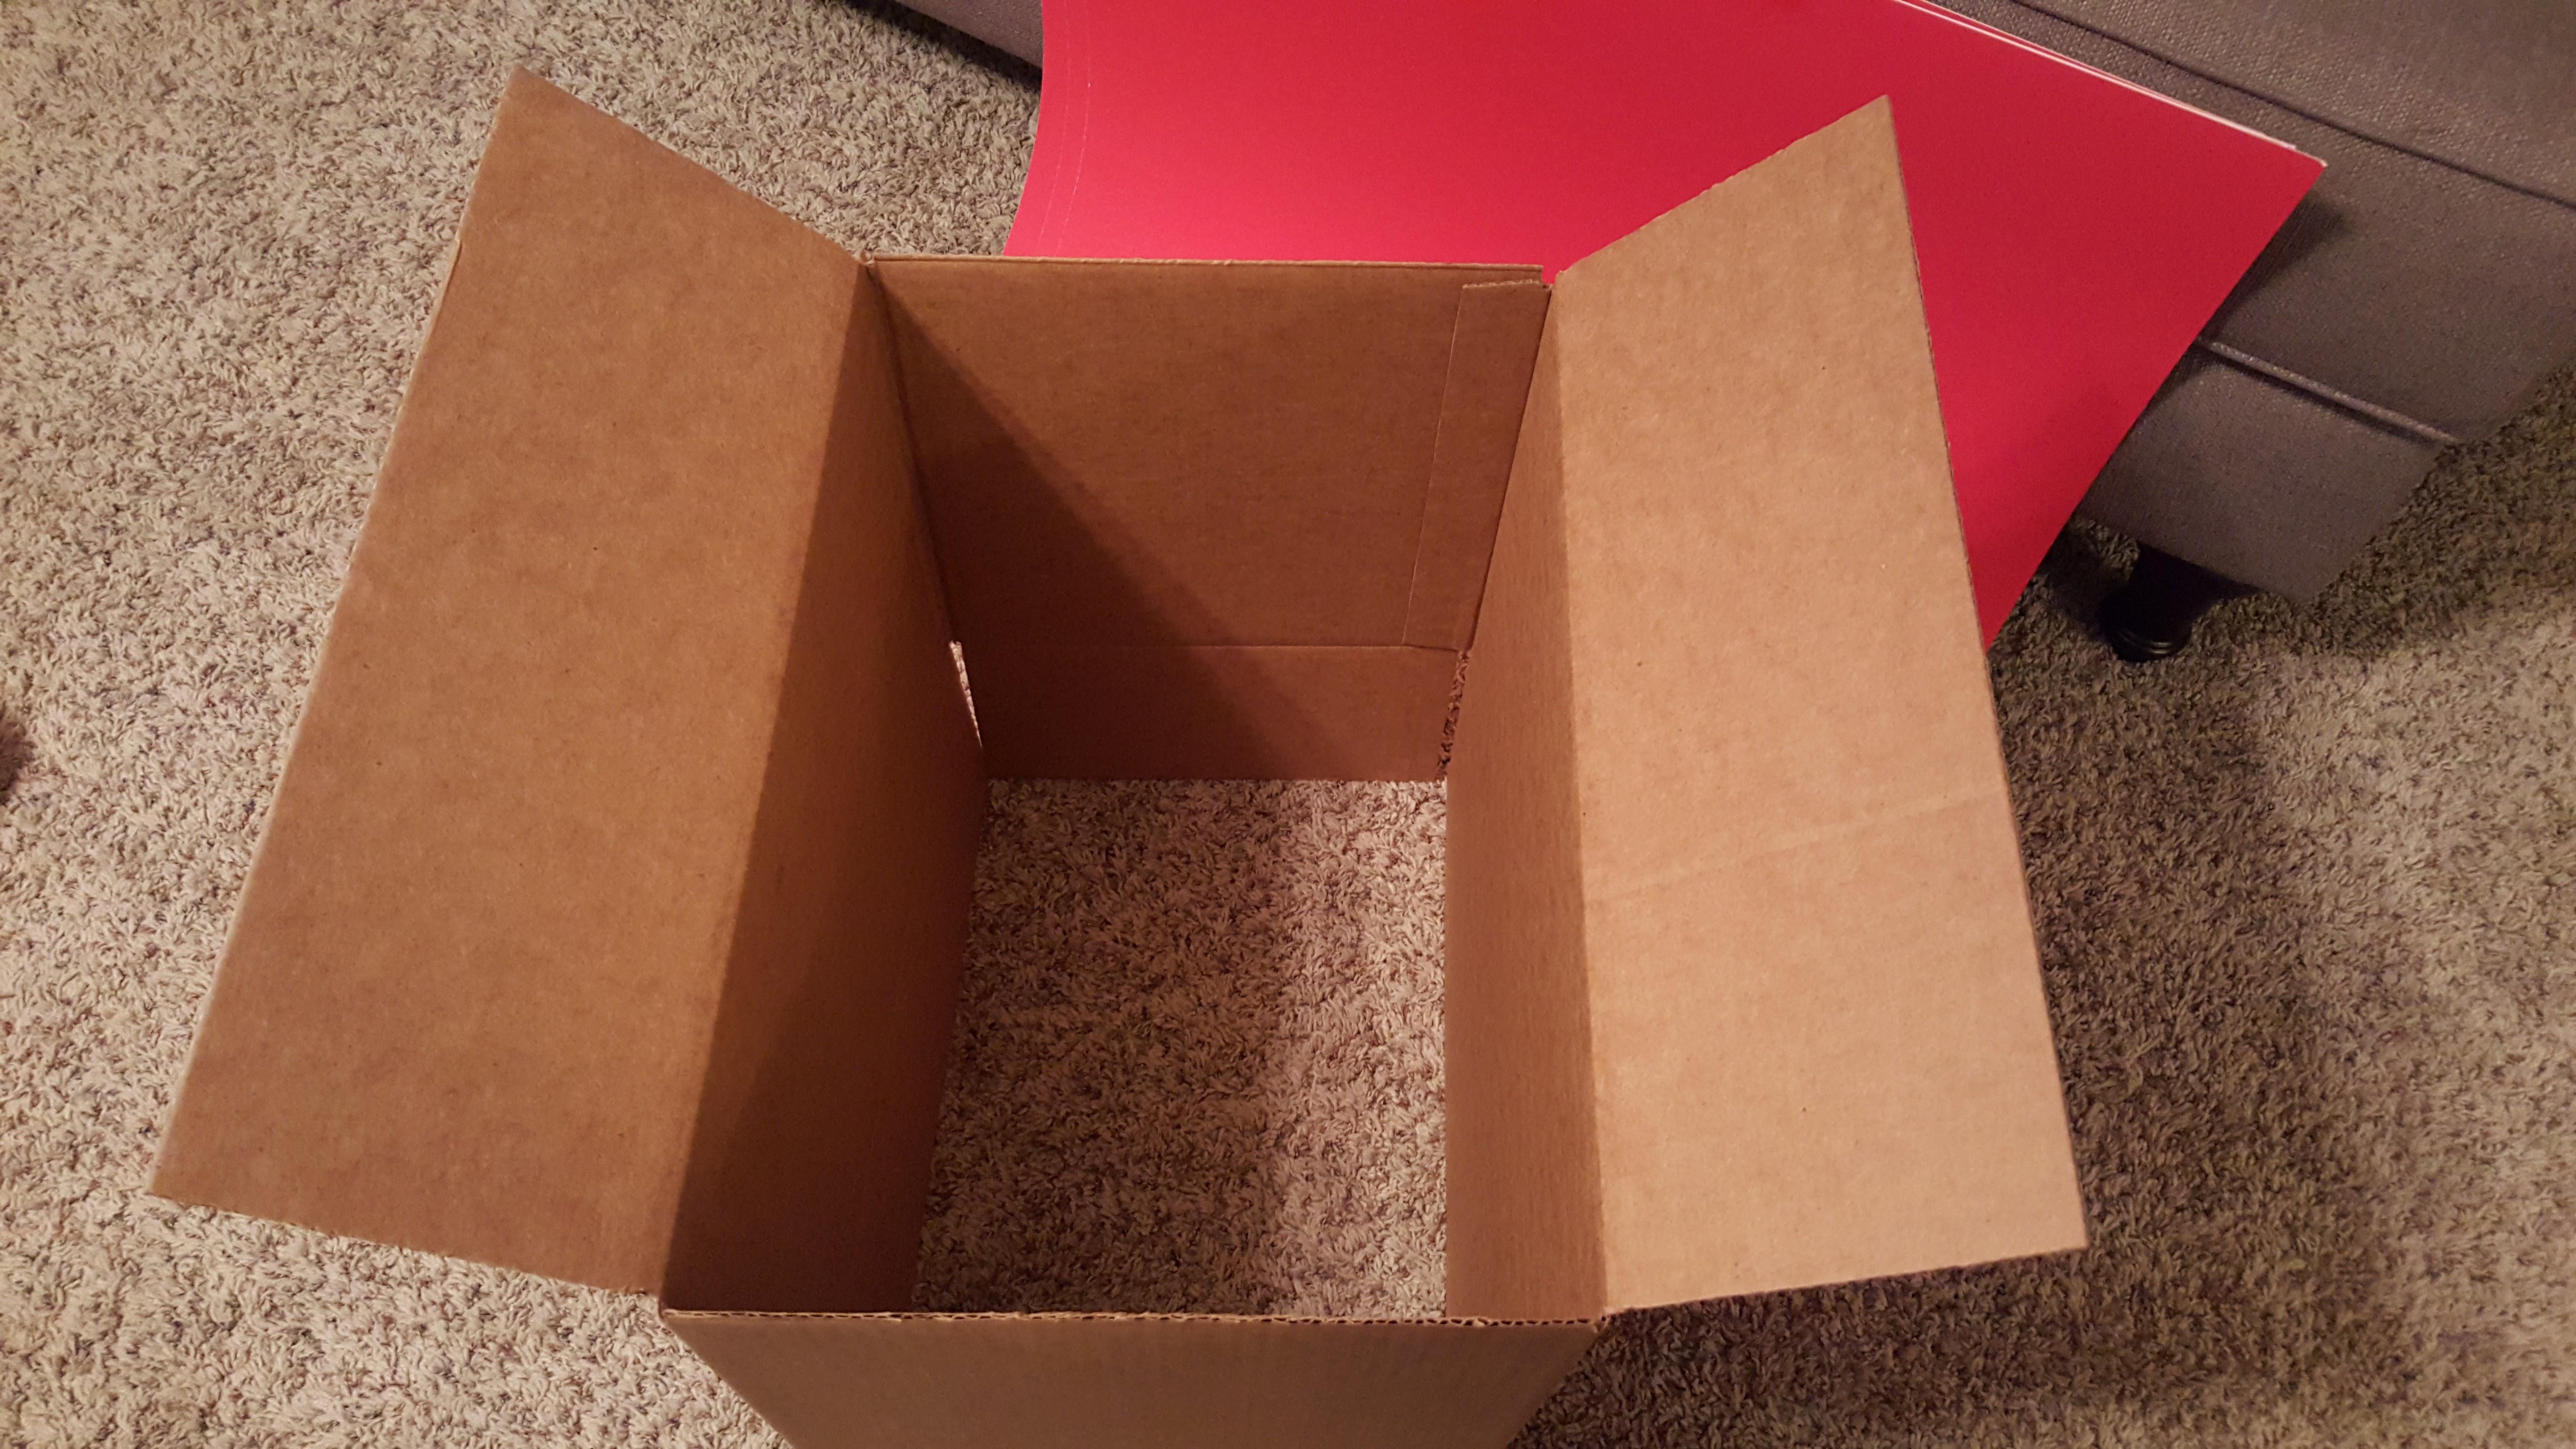 Picture of Prepare the Box